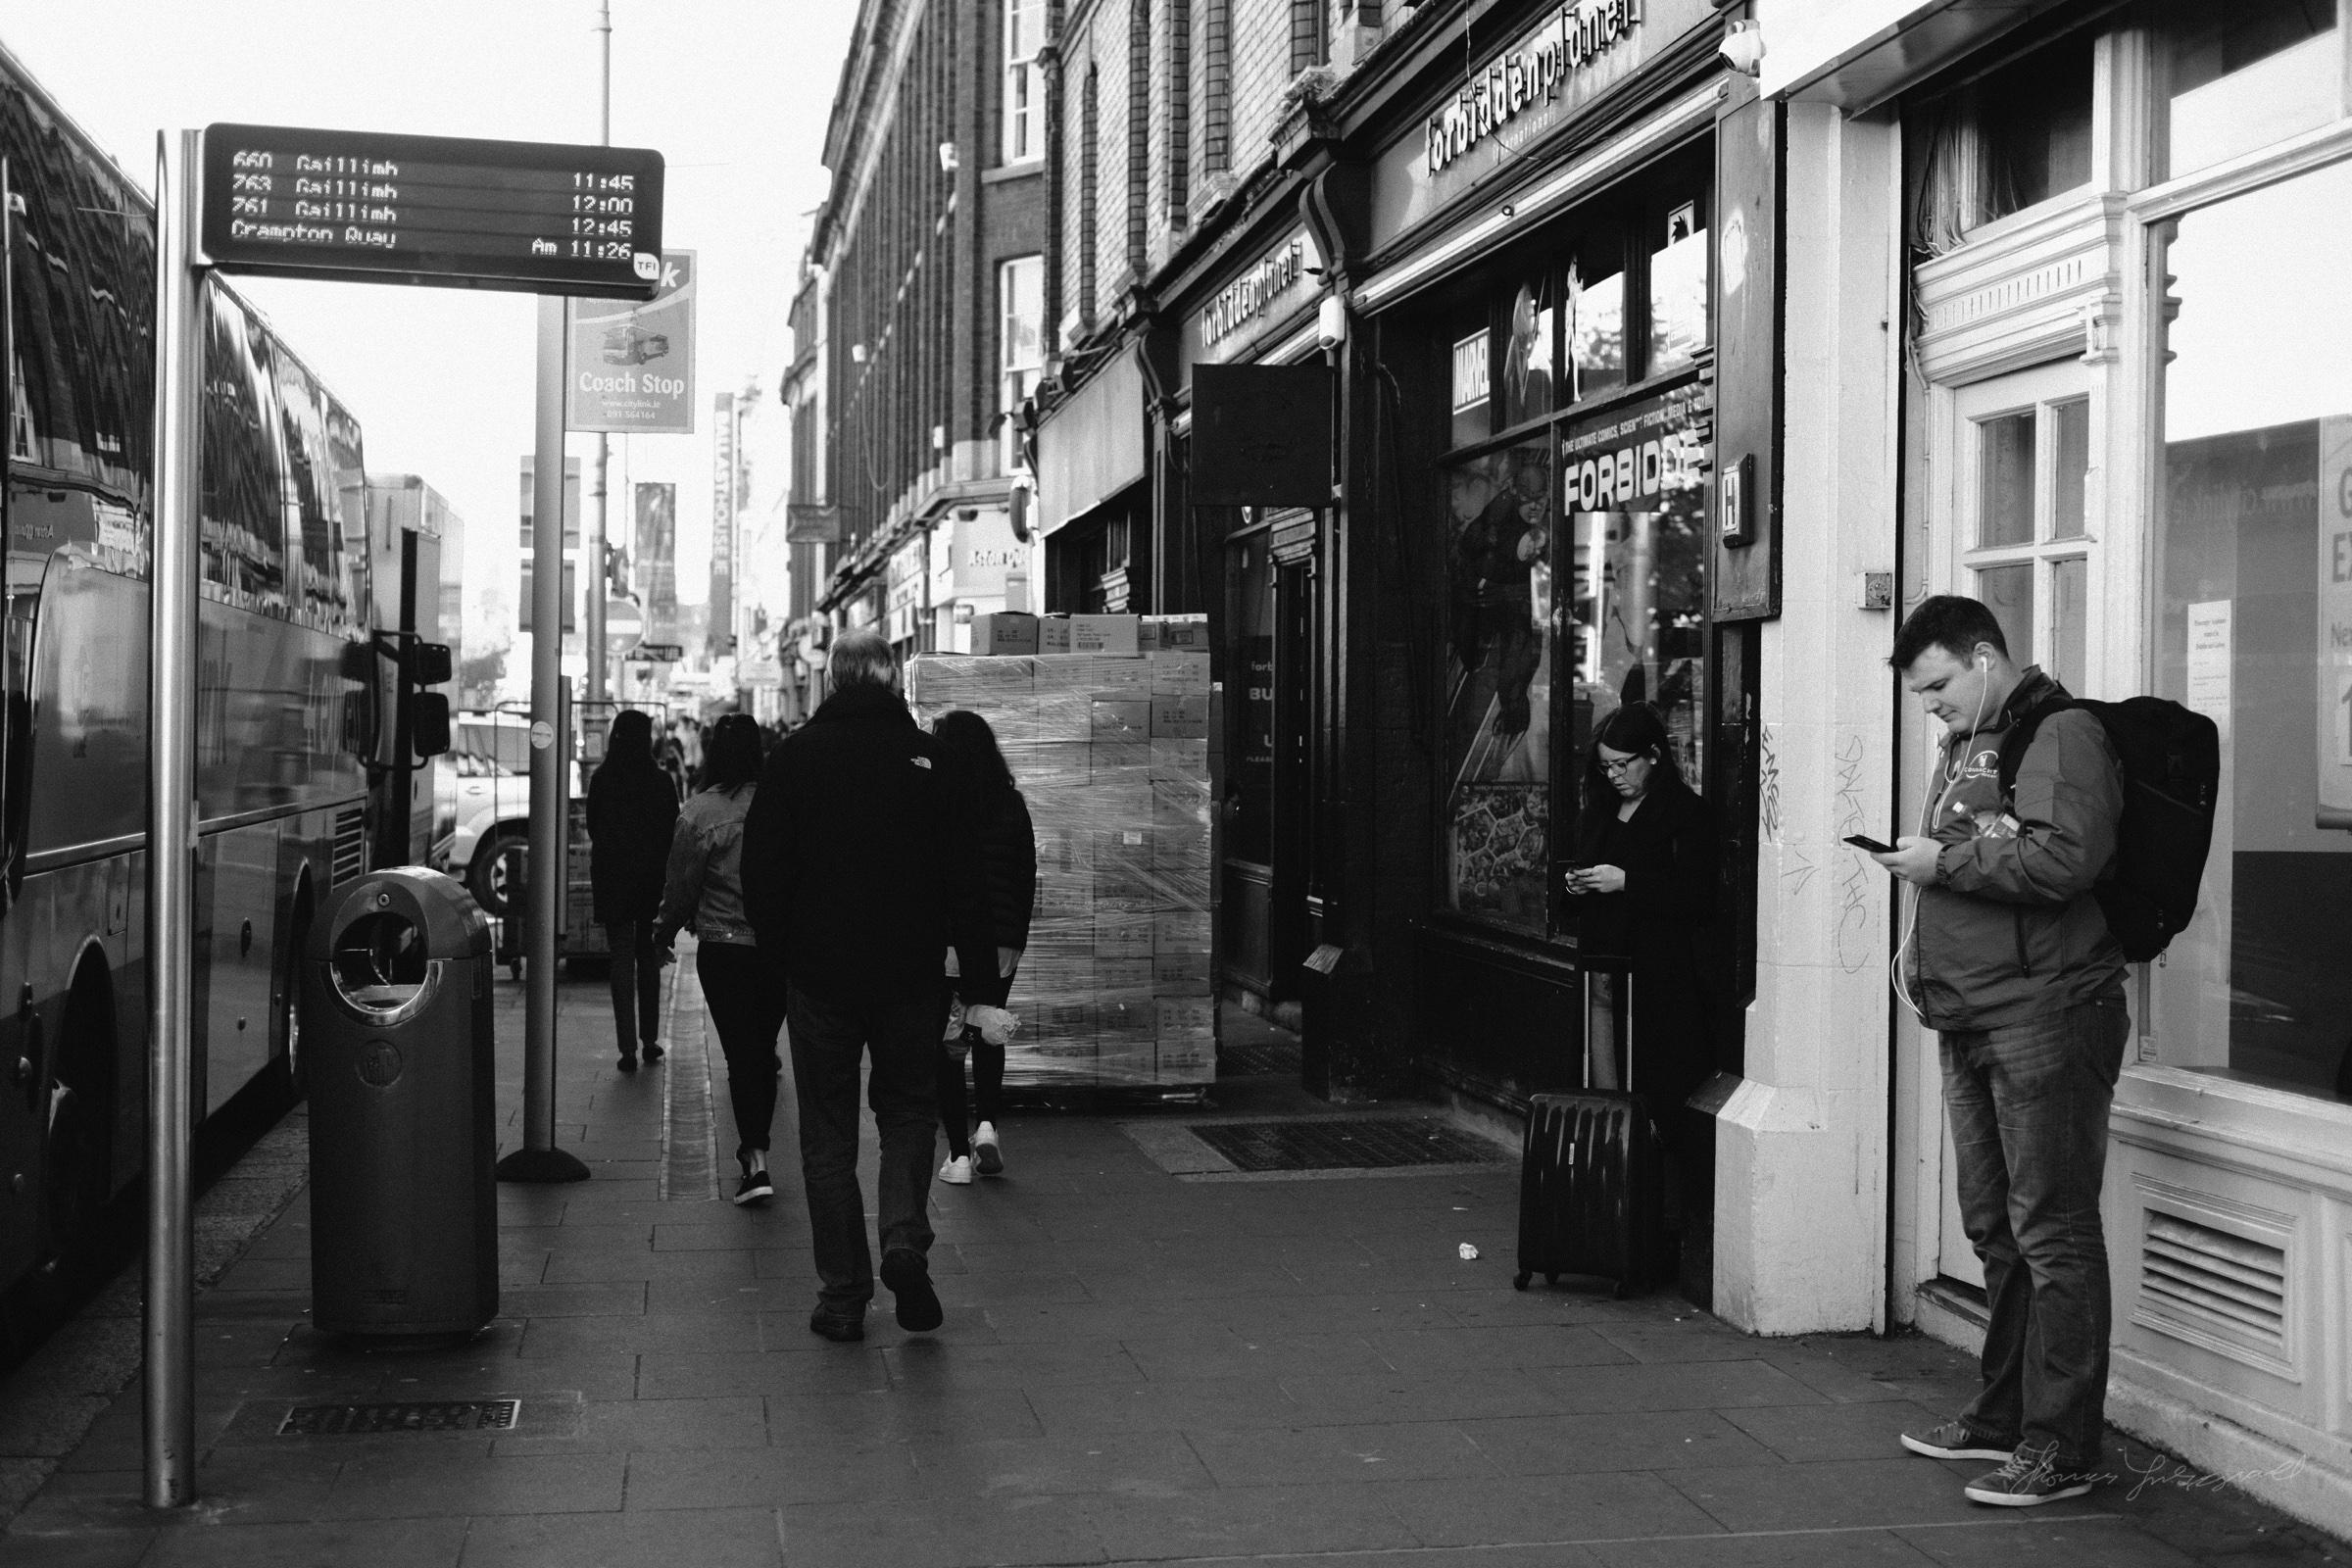 Street-Photography-Dublin-X-Pro2-Acros-037.jpg